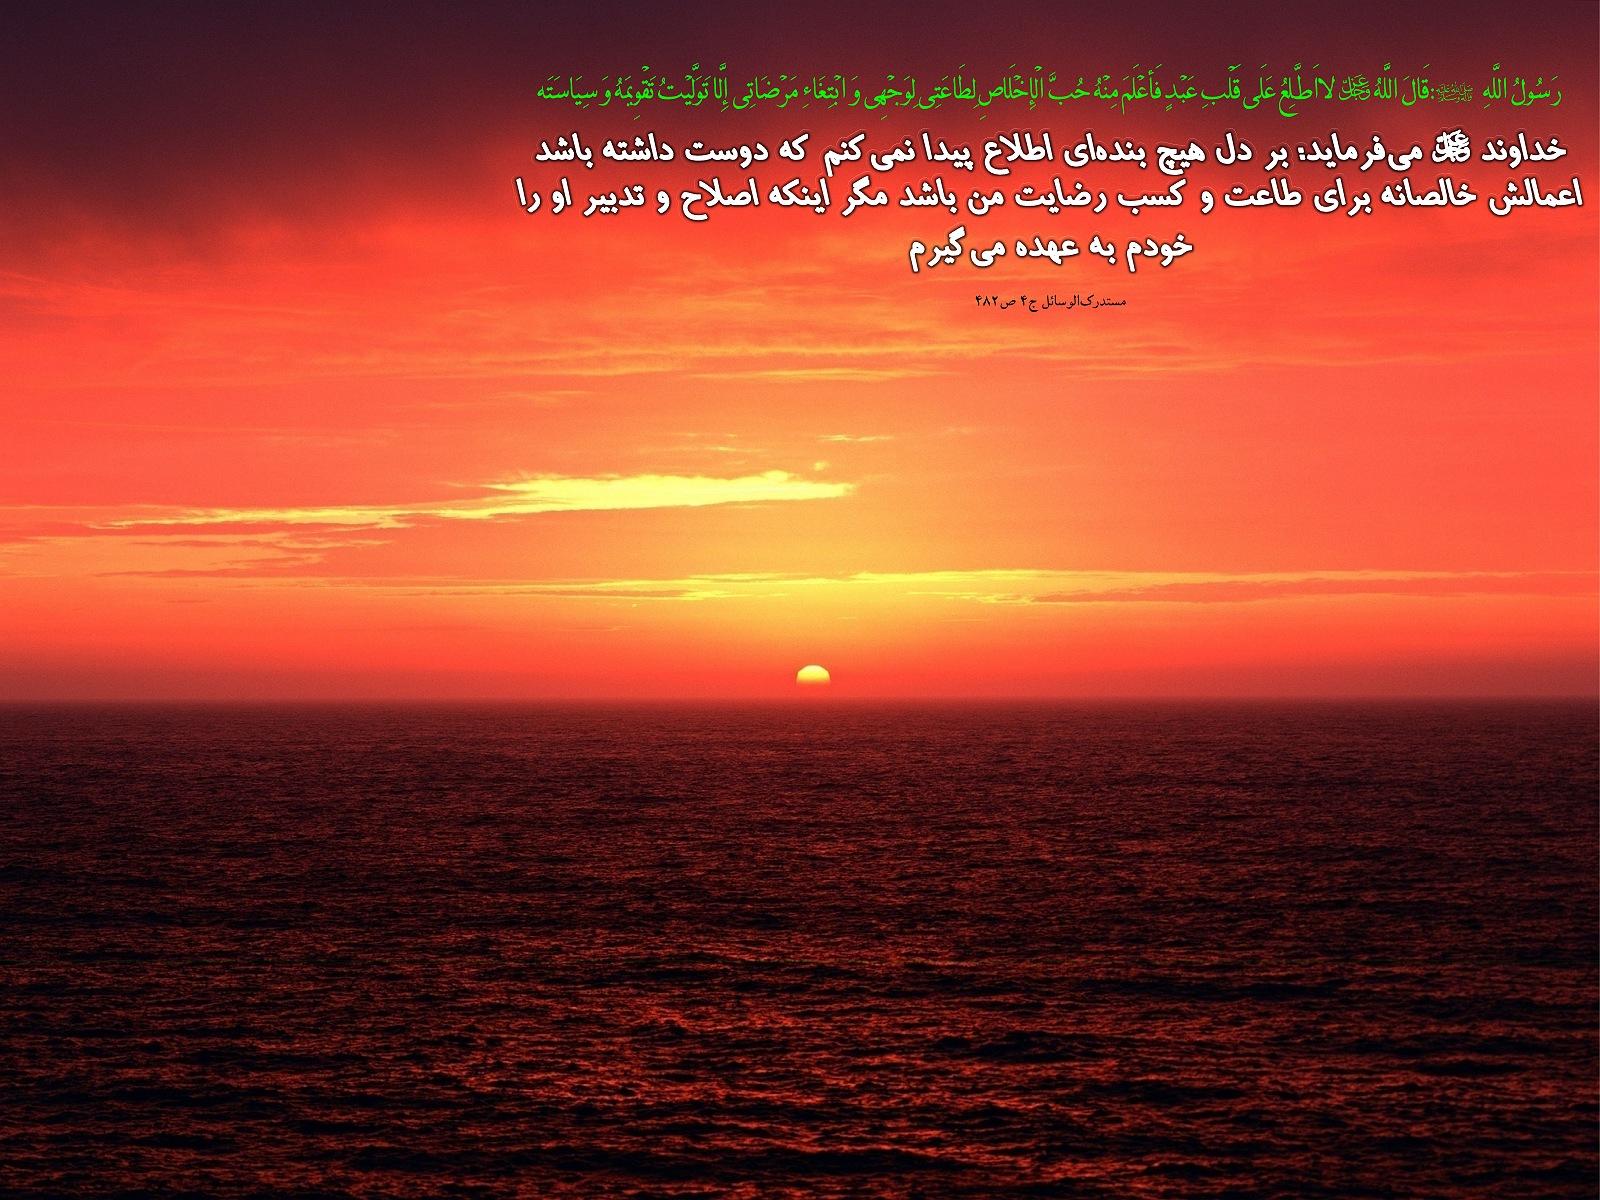 http://anti211.persiangig.com/hidith-tasviri/641Hadis%20H188.jpg